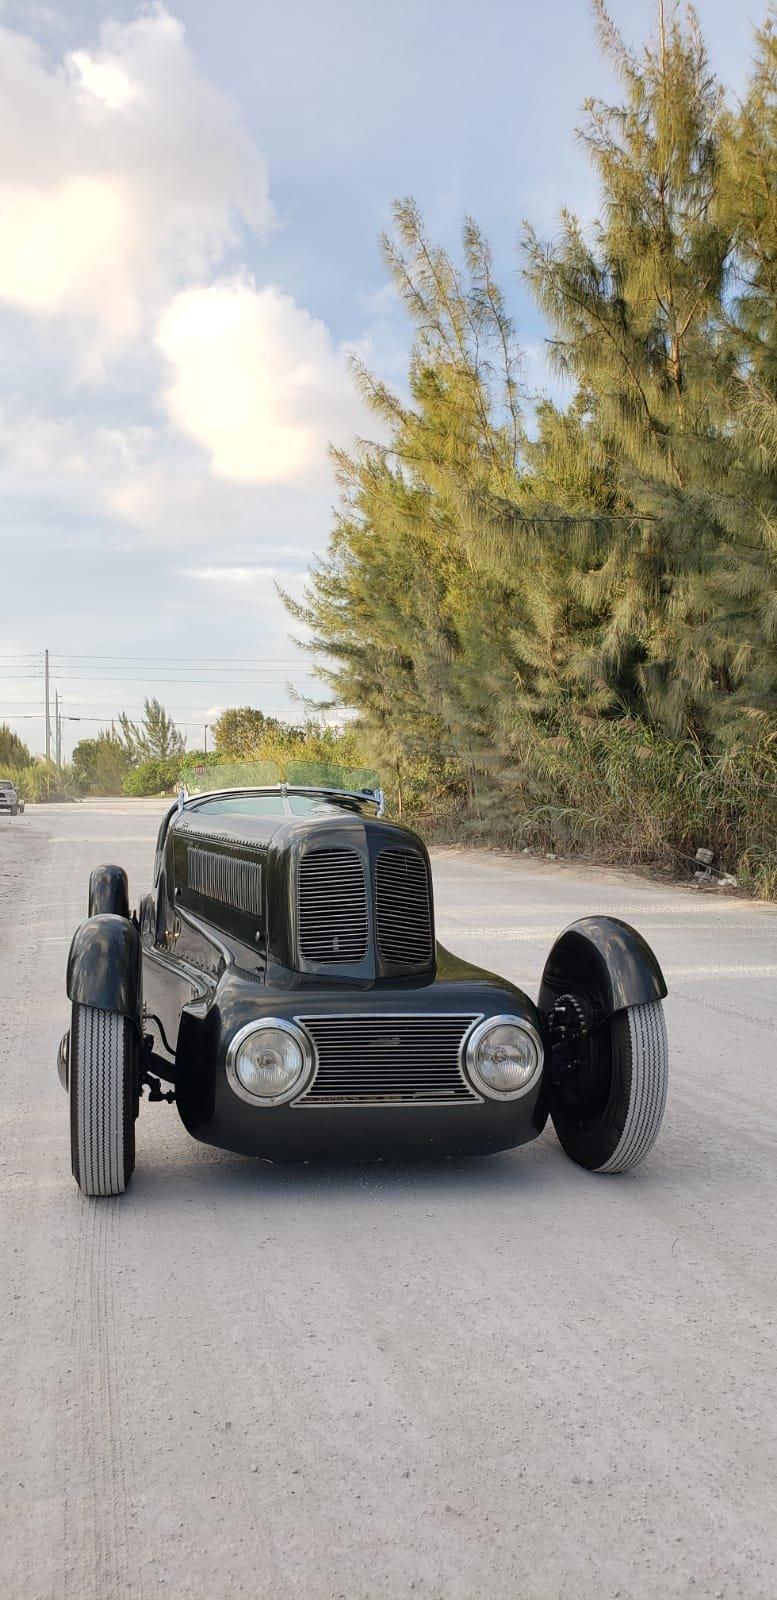 1934 Prewar Edsel Speedster for sale. For Sale (picture 1 of 5)